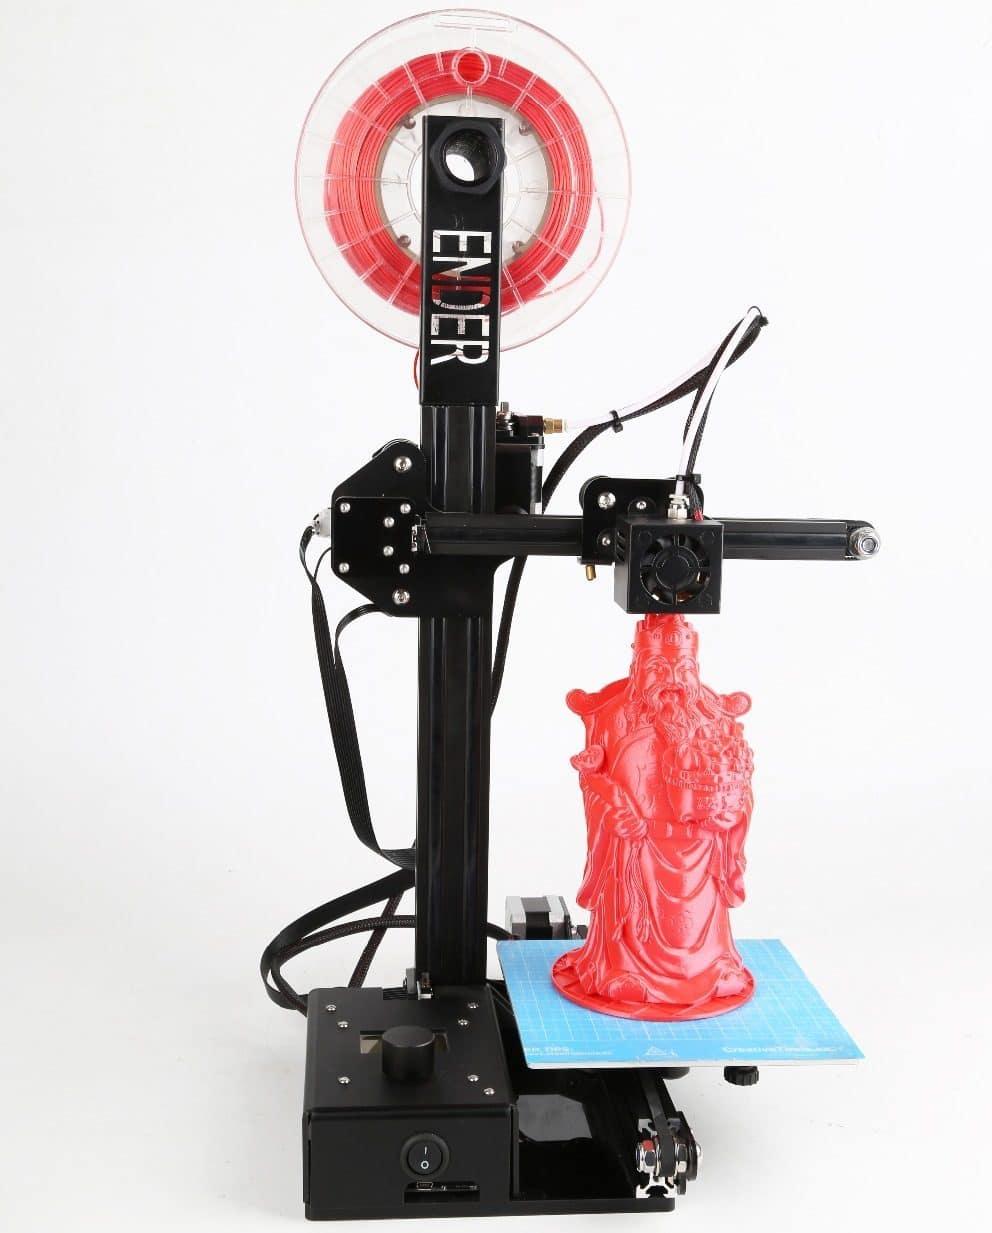 Принтер CREALITY 3D с лазерной гравировкой купить на Алиэкспресс